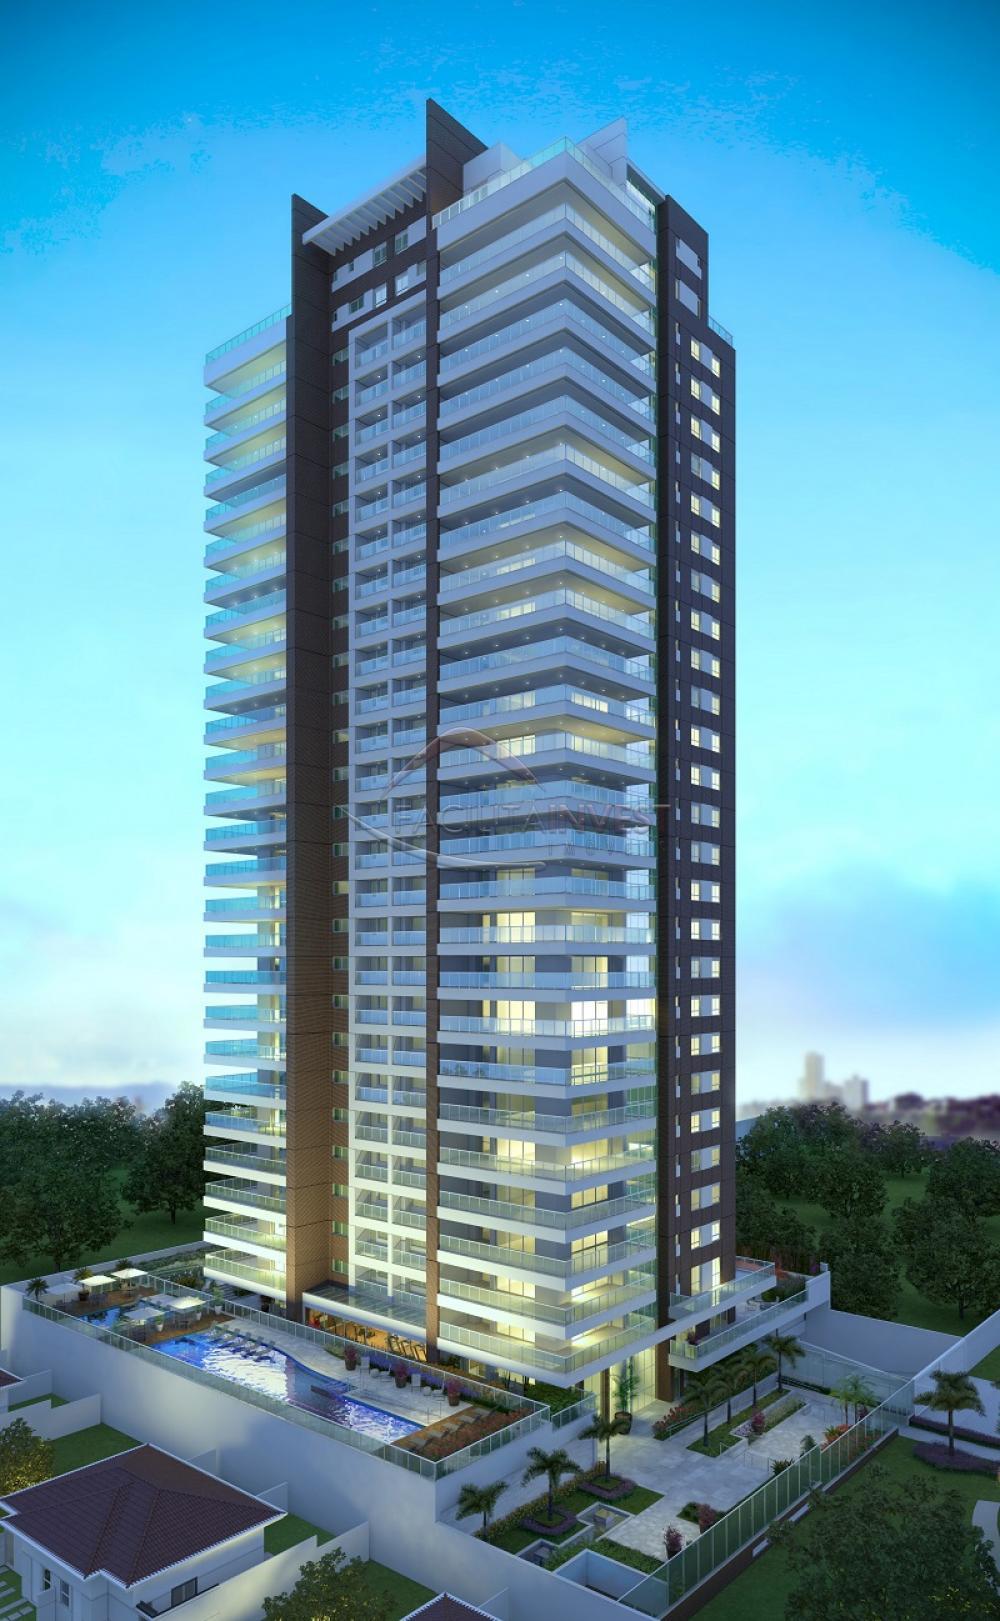 Comprar Lançamentos/ Empreendimentos em Construç / Apartamento padrão - Lançamento em Ribeirão Preto apenas R$ 2.391.310,00 - Foto 16